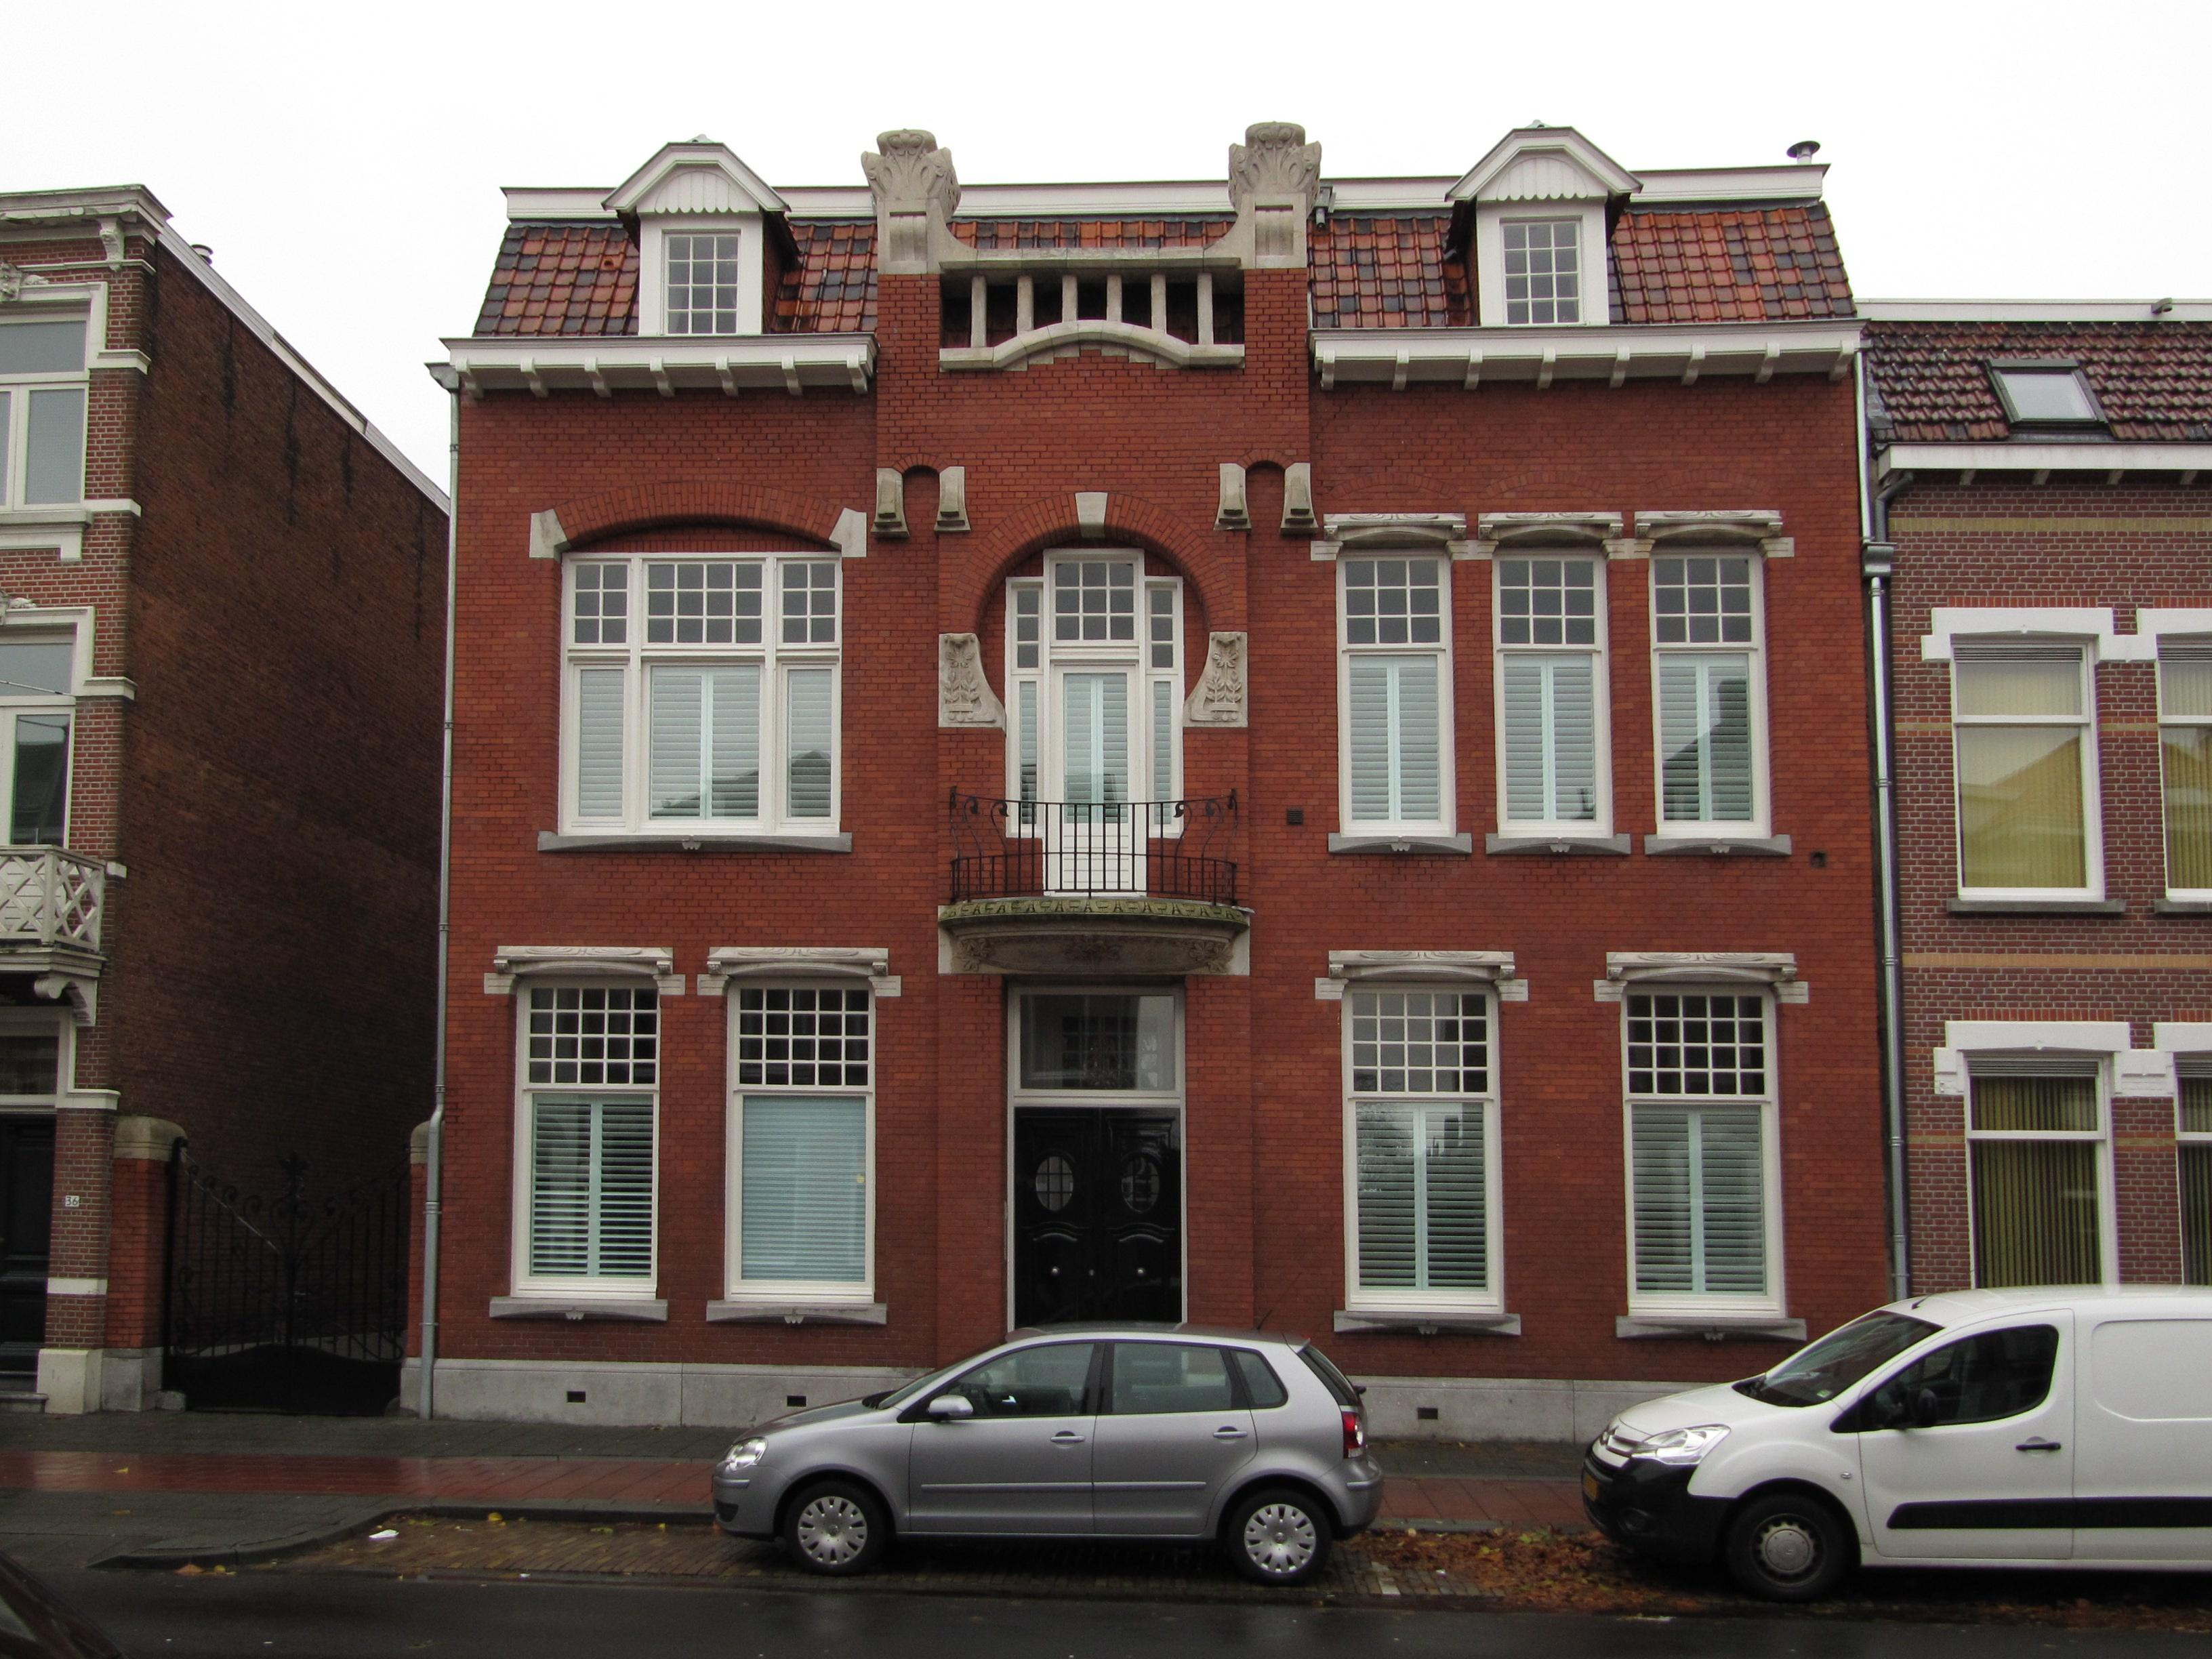 Gedeeltelijk vrijstaand art nouveau herenhuis in bergen op zoom monument - Deco huizen ...